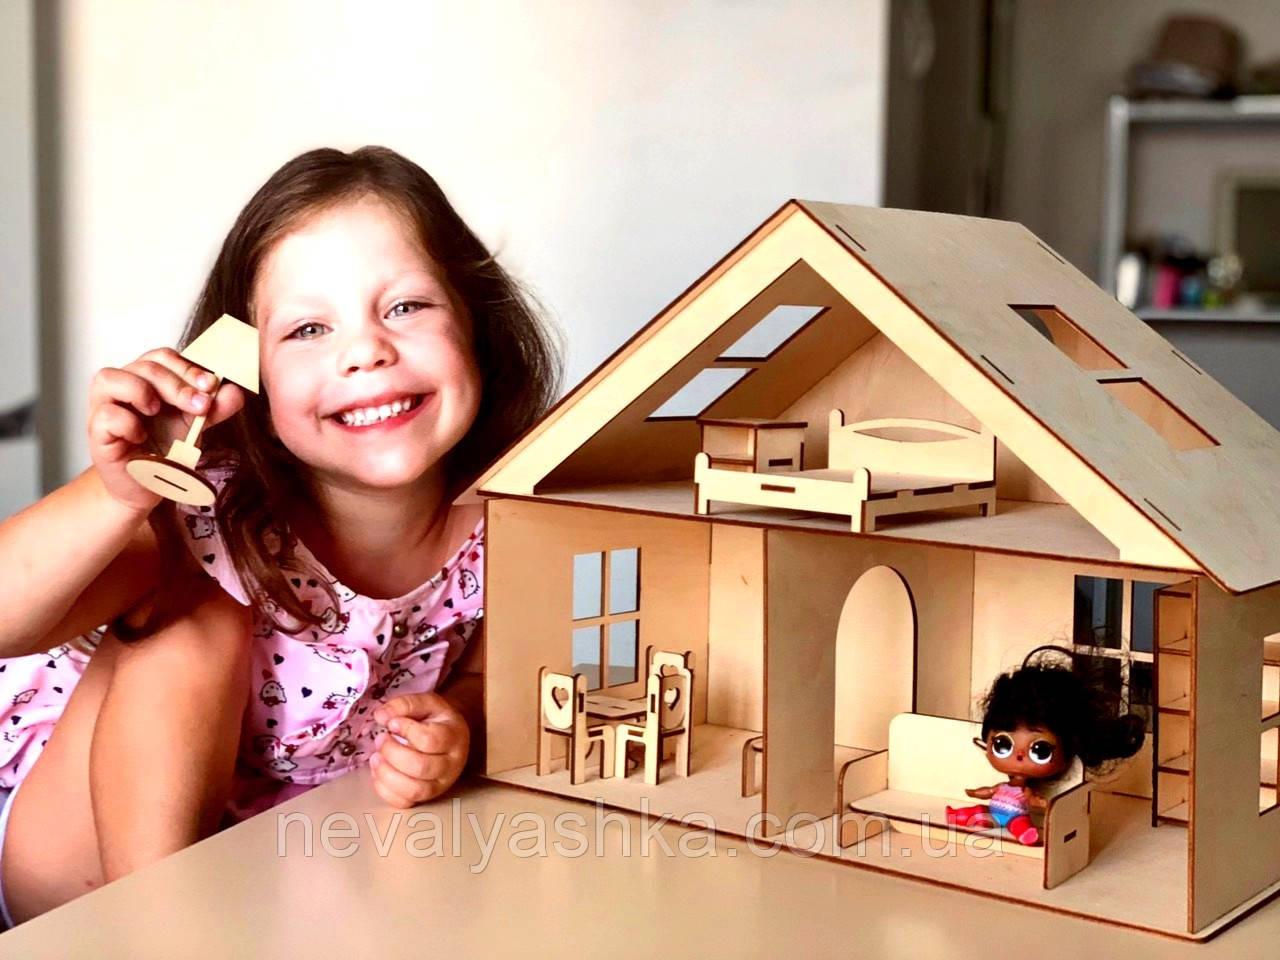 Деревянный Кукольный Домик для Кукол ЛОЛ, дом мебель 2 этажа для куклы LOL ляльковий будиночок 011183